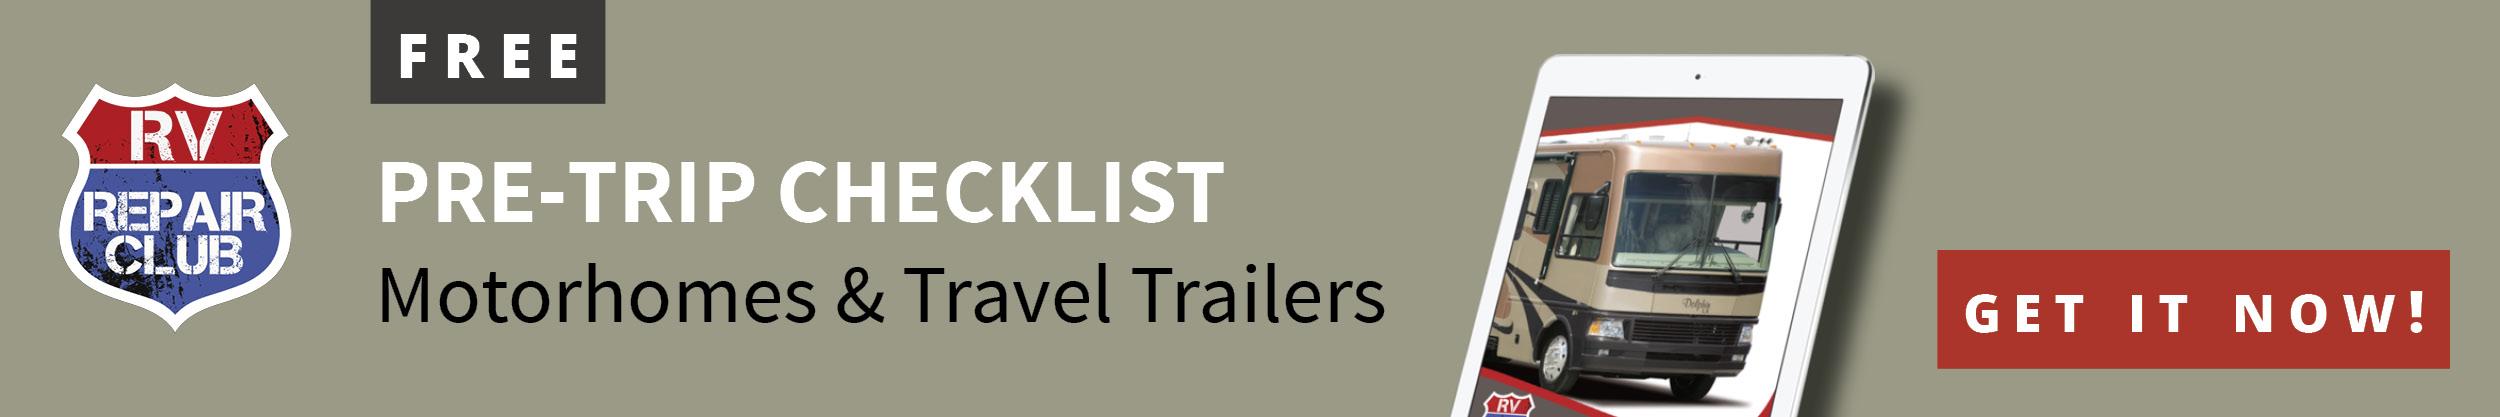 RV Pre-trip Checklist